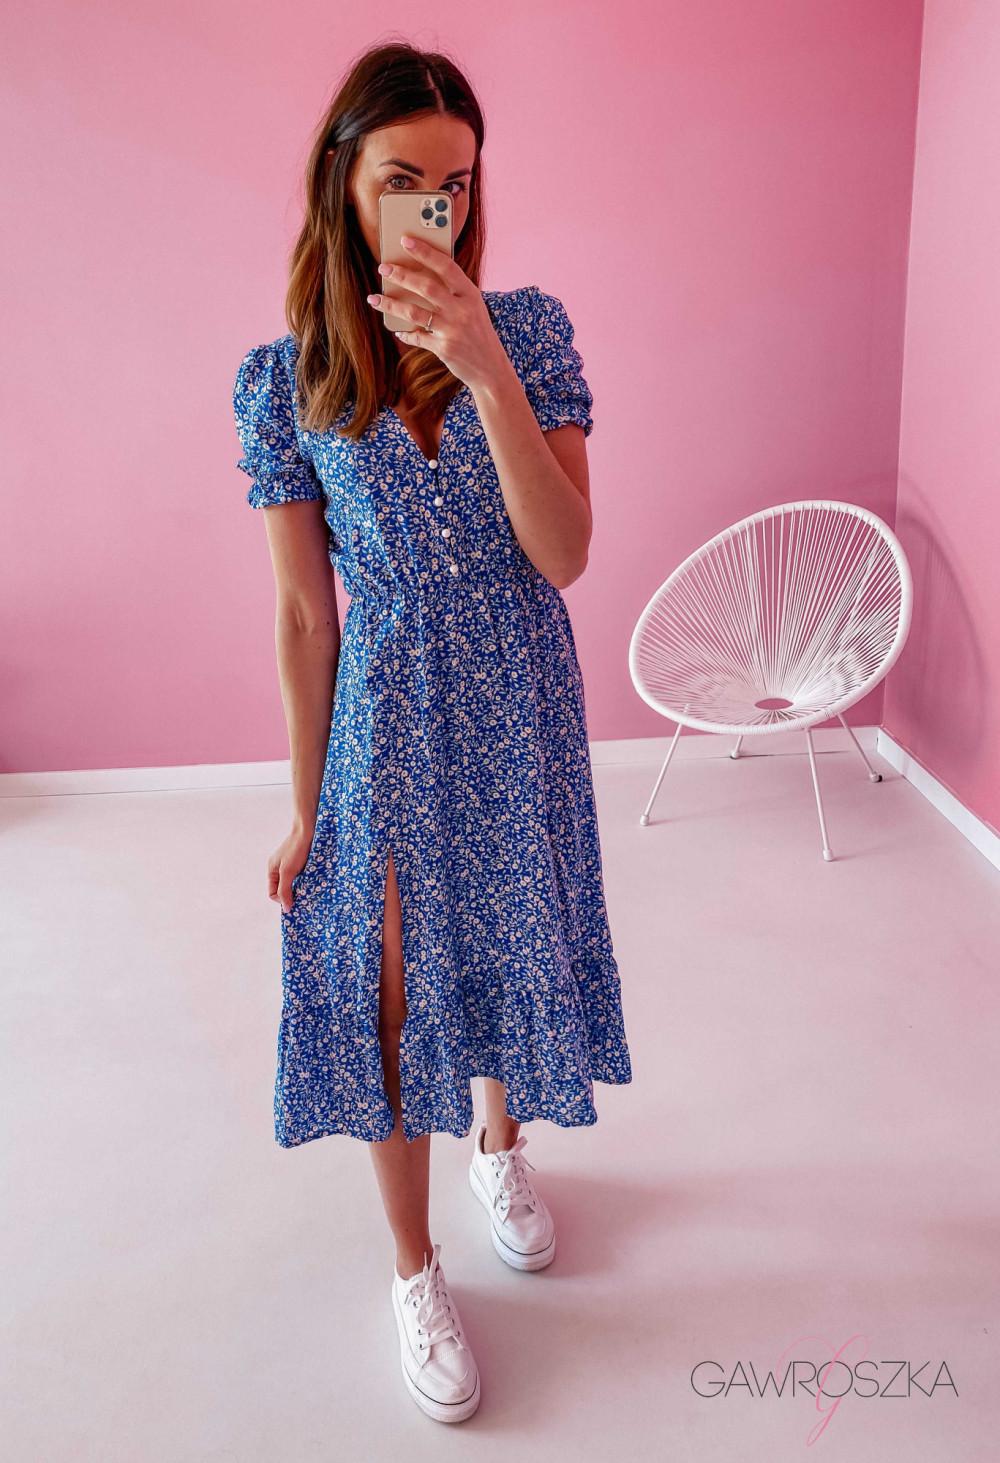 Sukienka Megi Midi Premium - niebieska w białe małe kwiatuszki 5